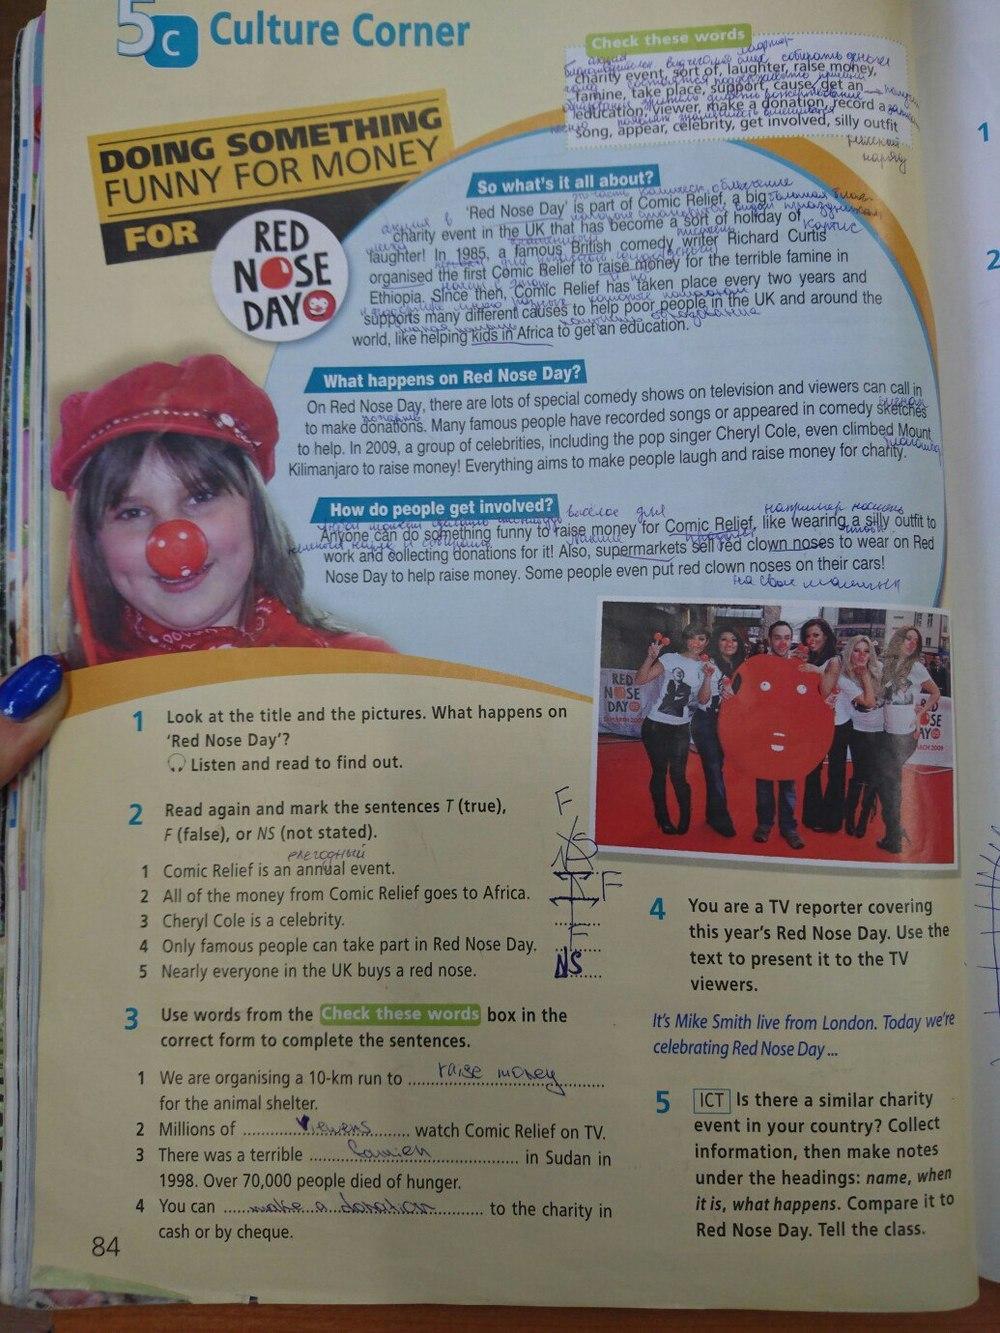 гдз по англ яз 7 класс баранова учебник